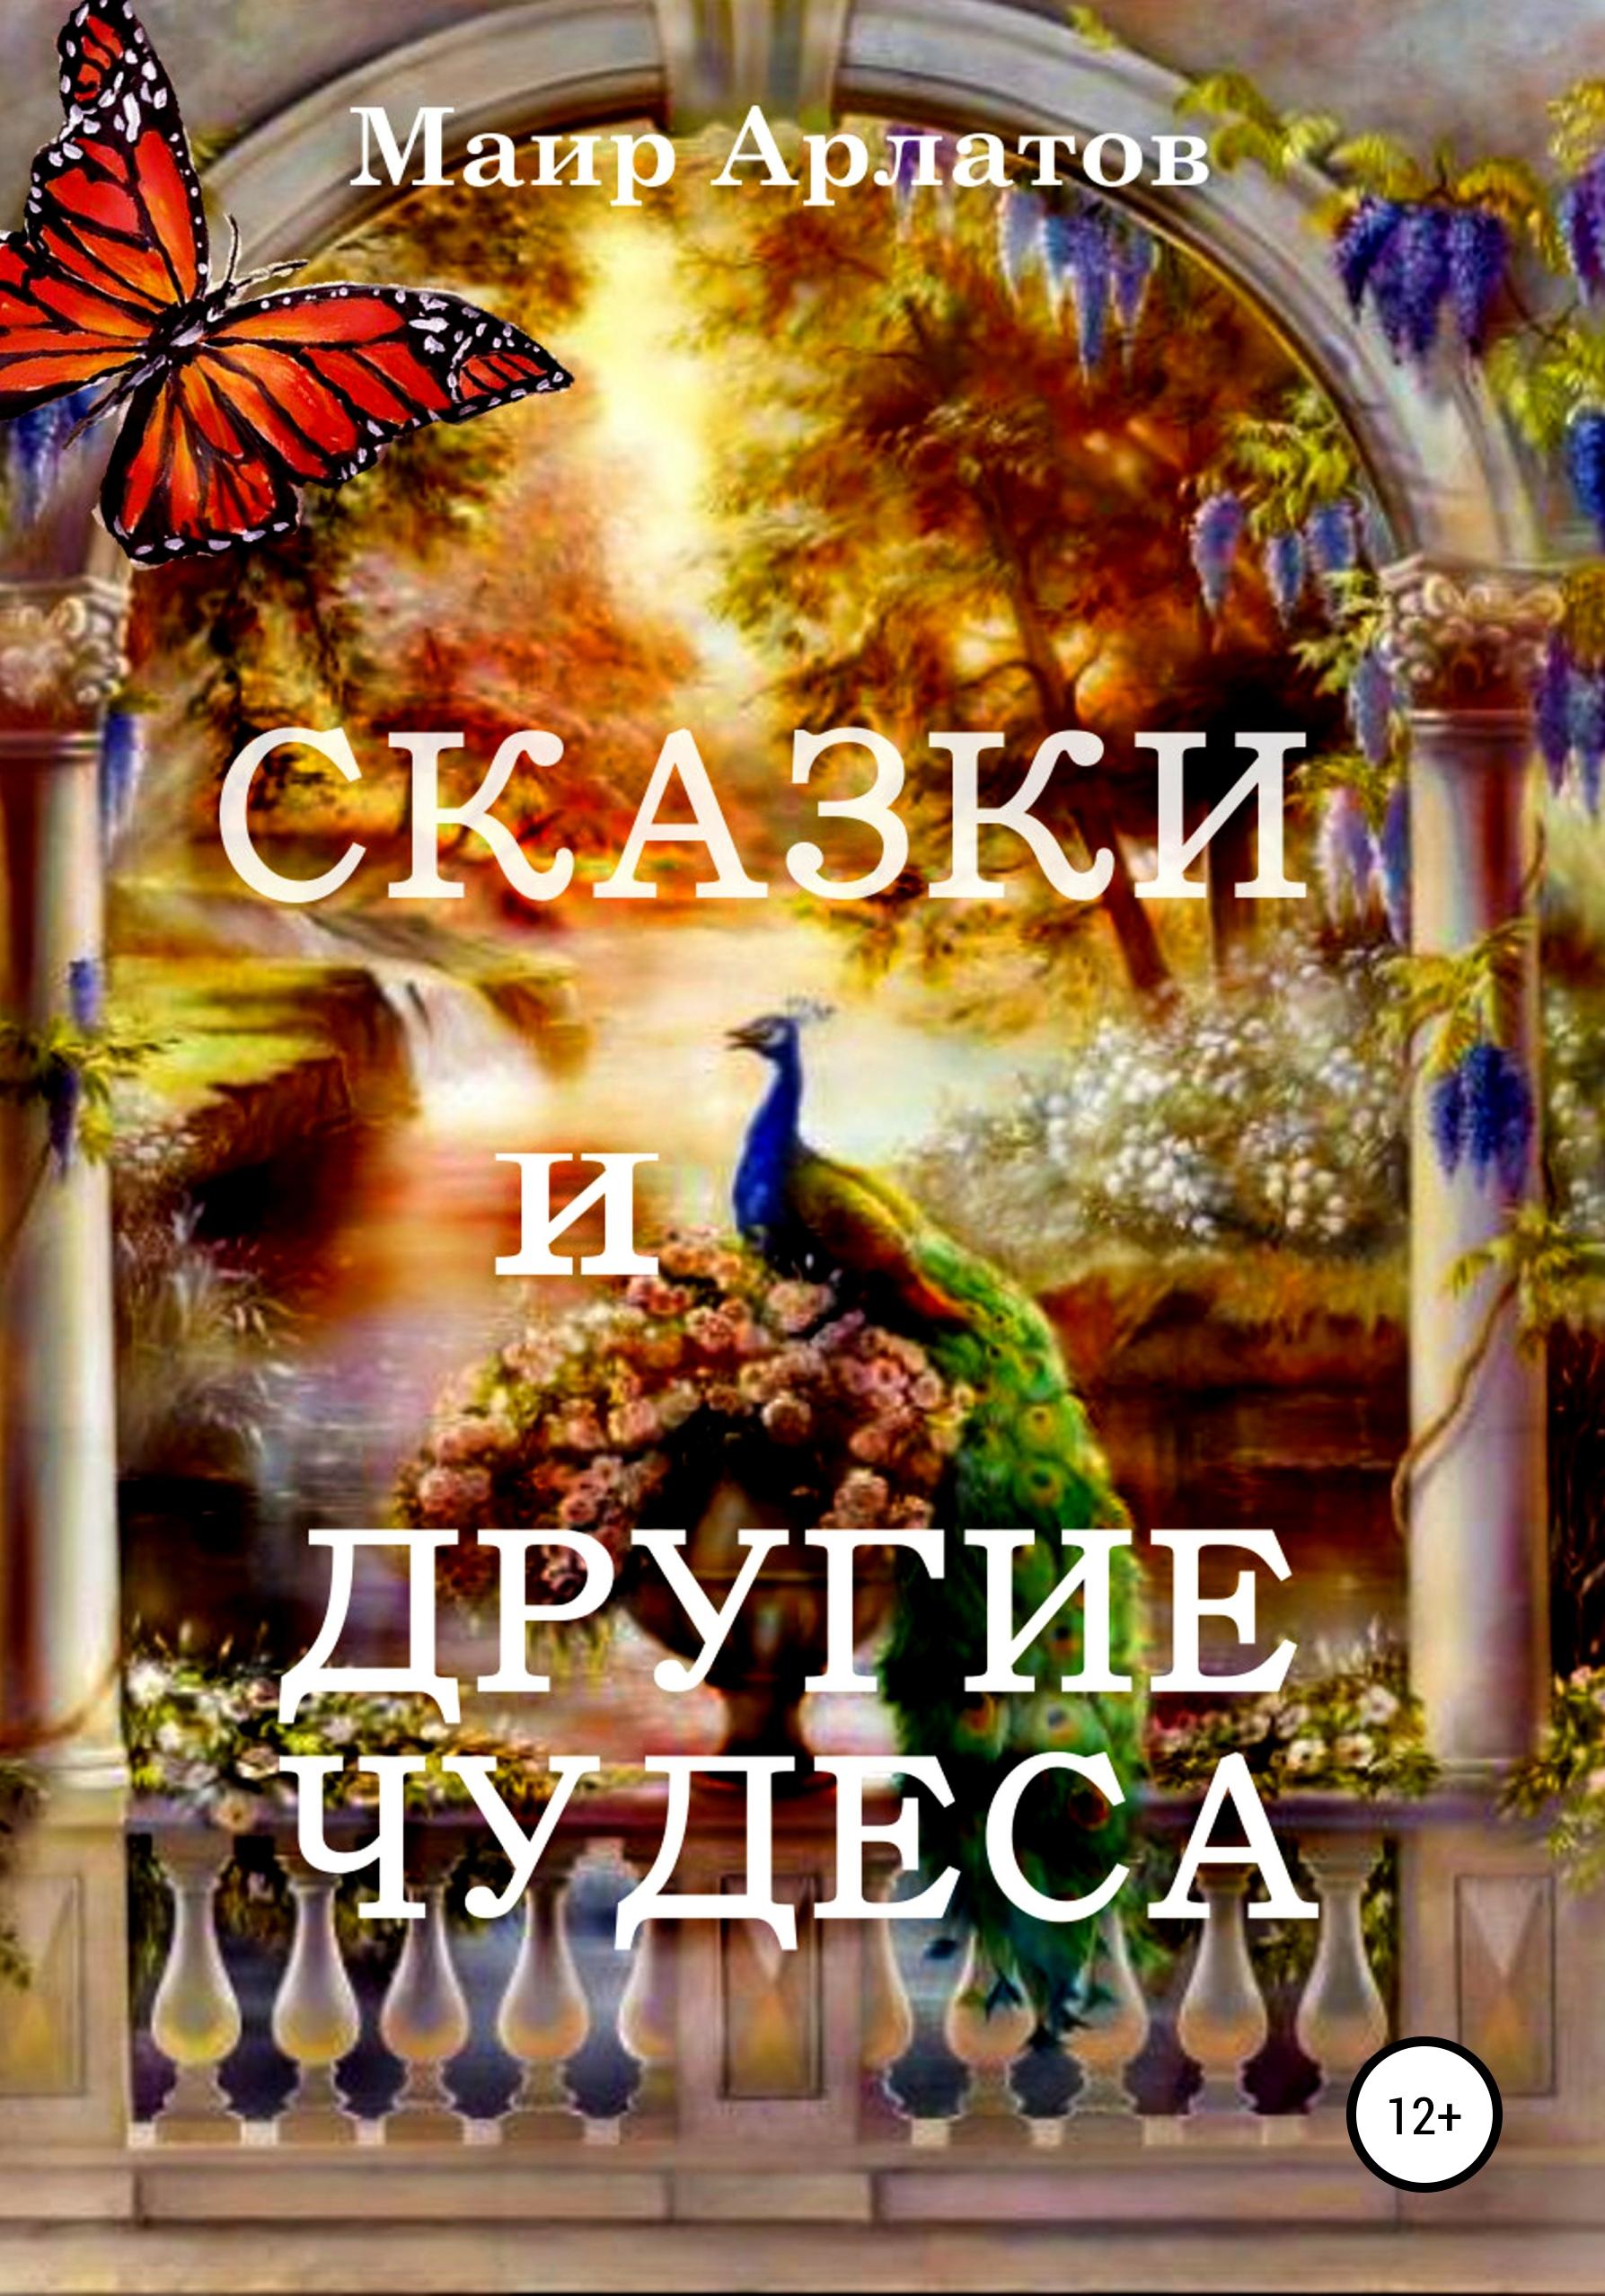 Сказки и другие чудеса